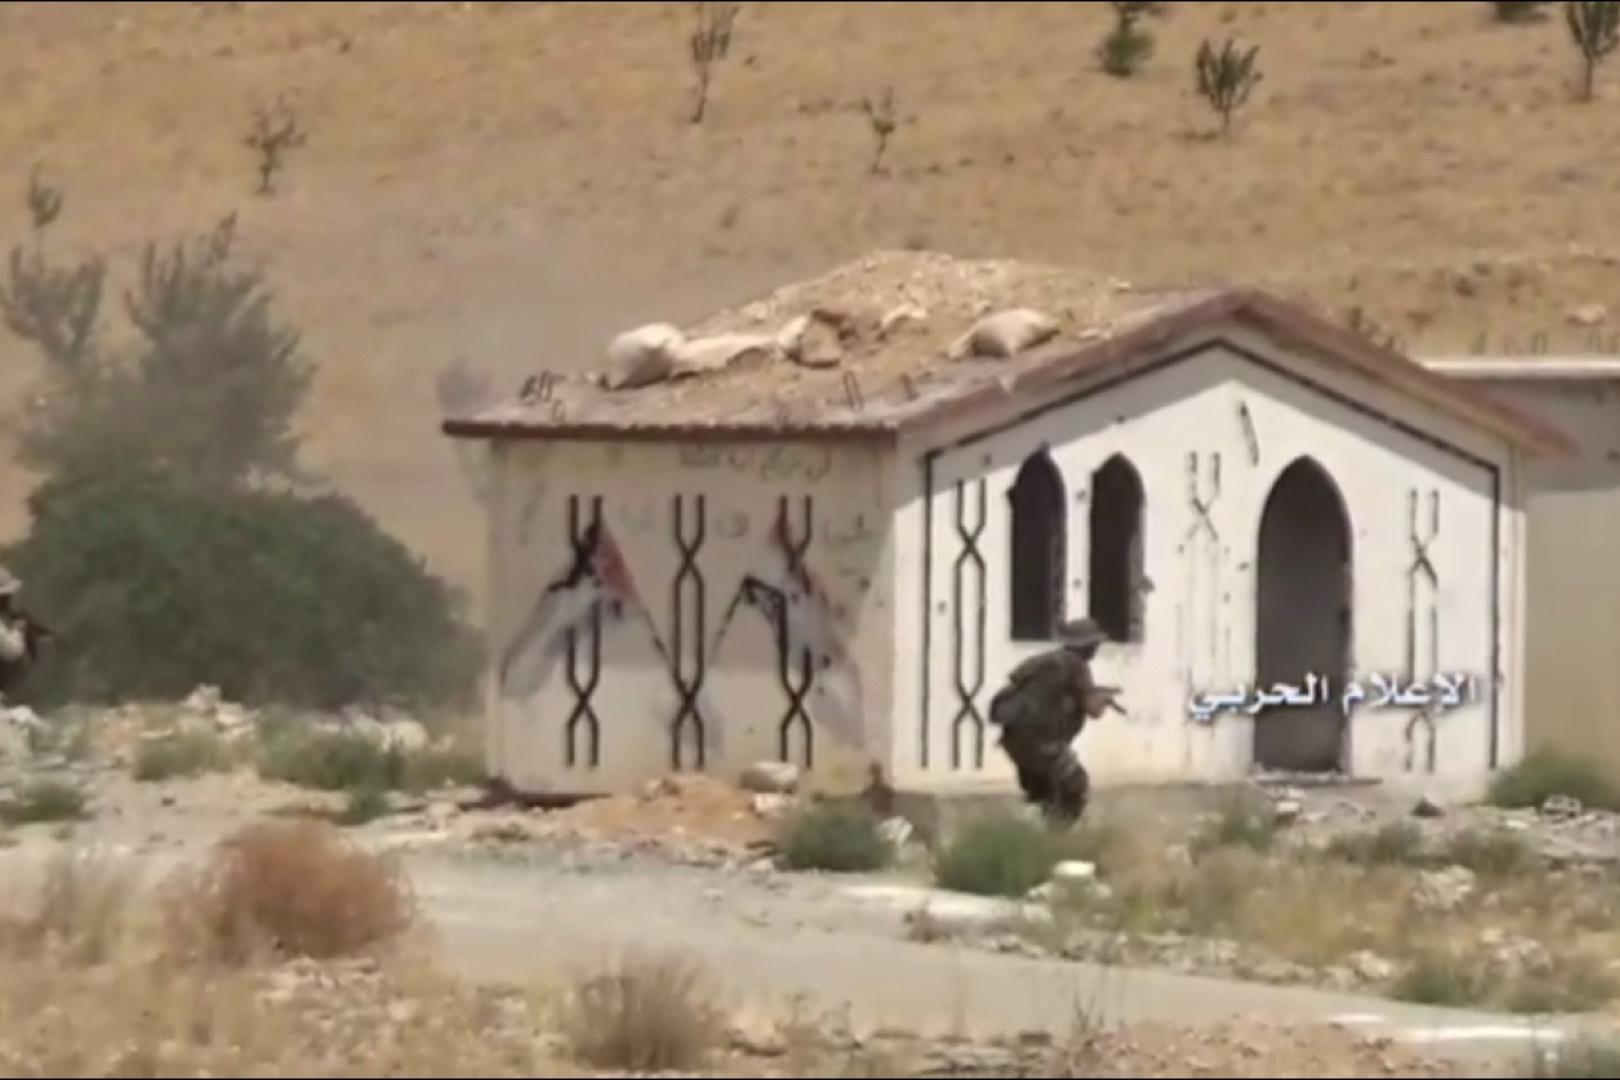 فیلم | عملیات مشترک ارتش سوریه و حزبالله در مرز لبنان